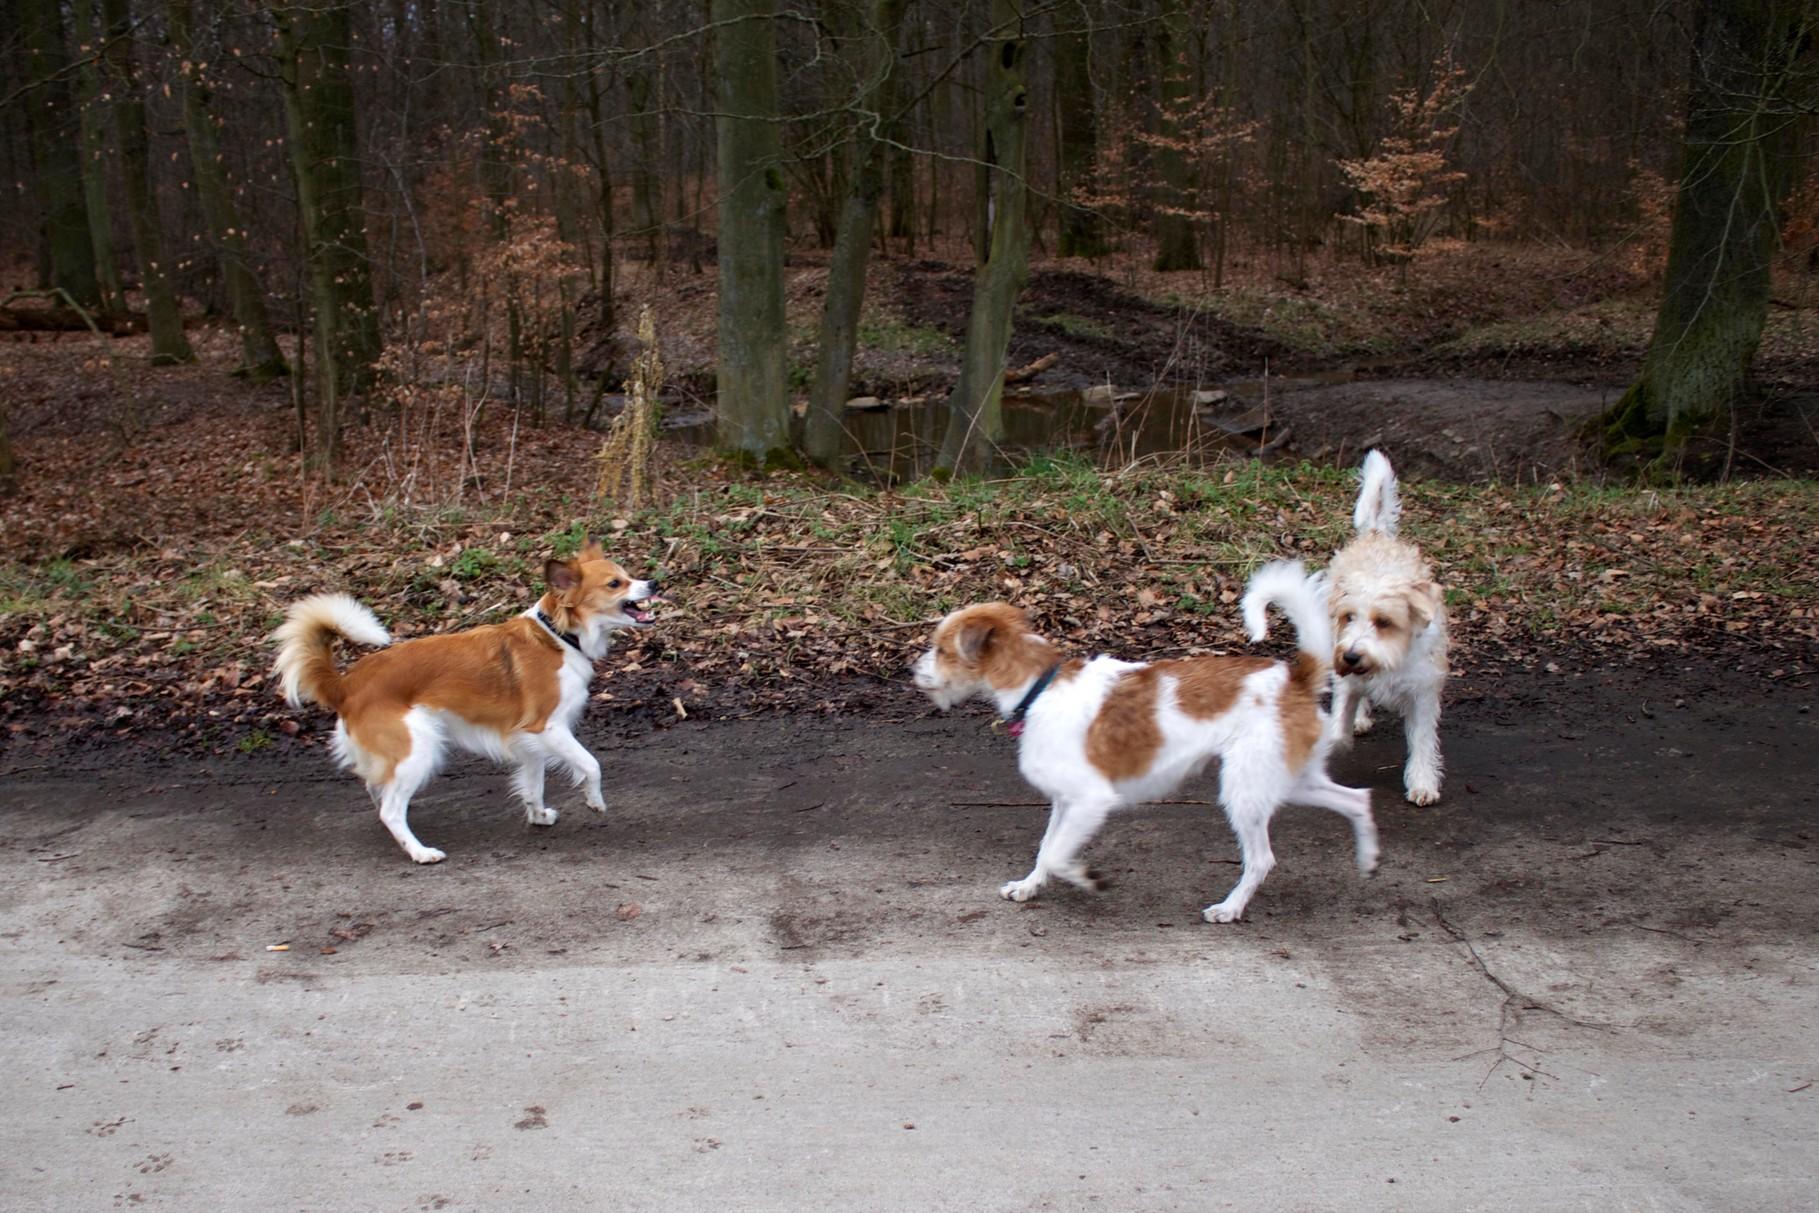 Baila, Kabou & Benny